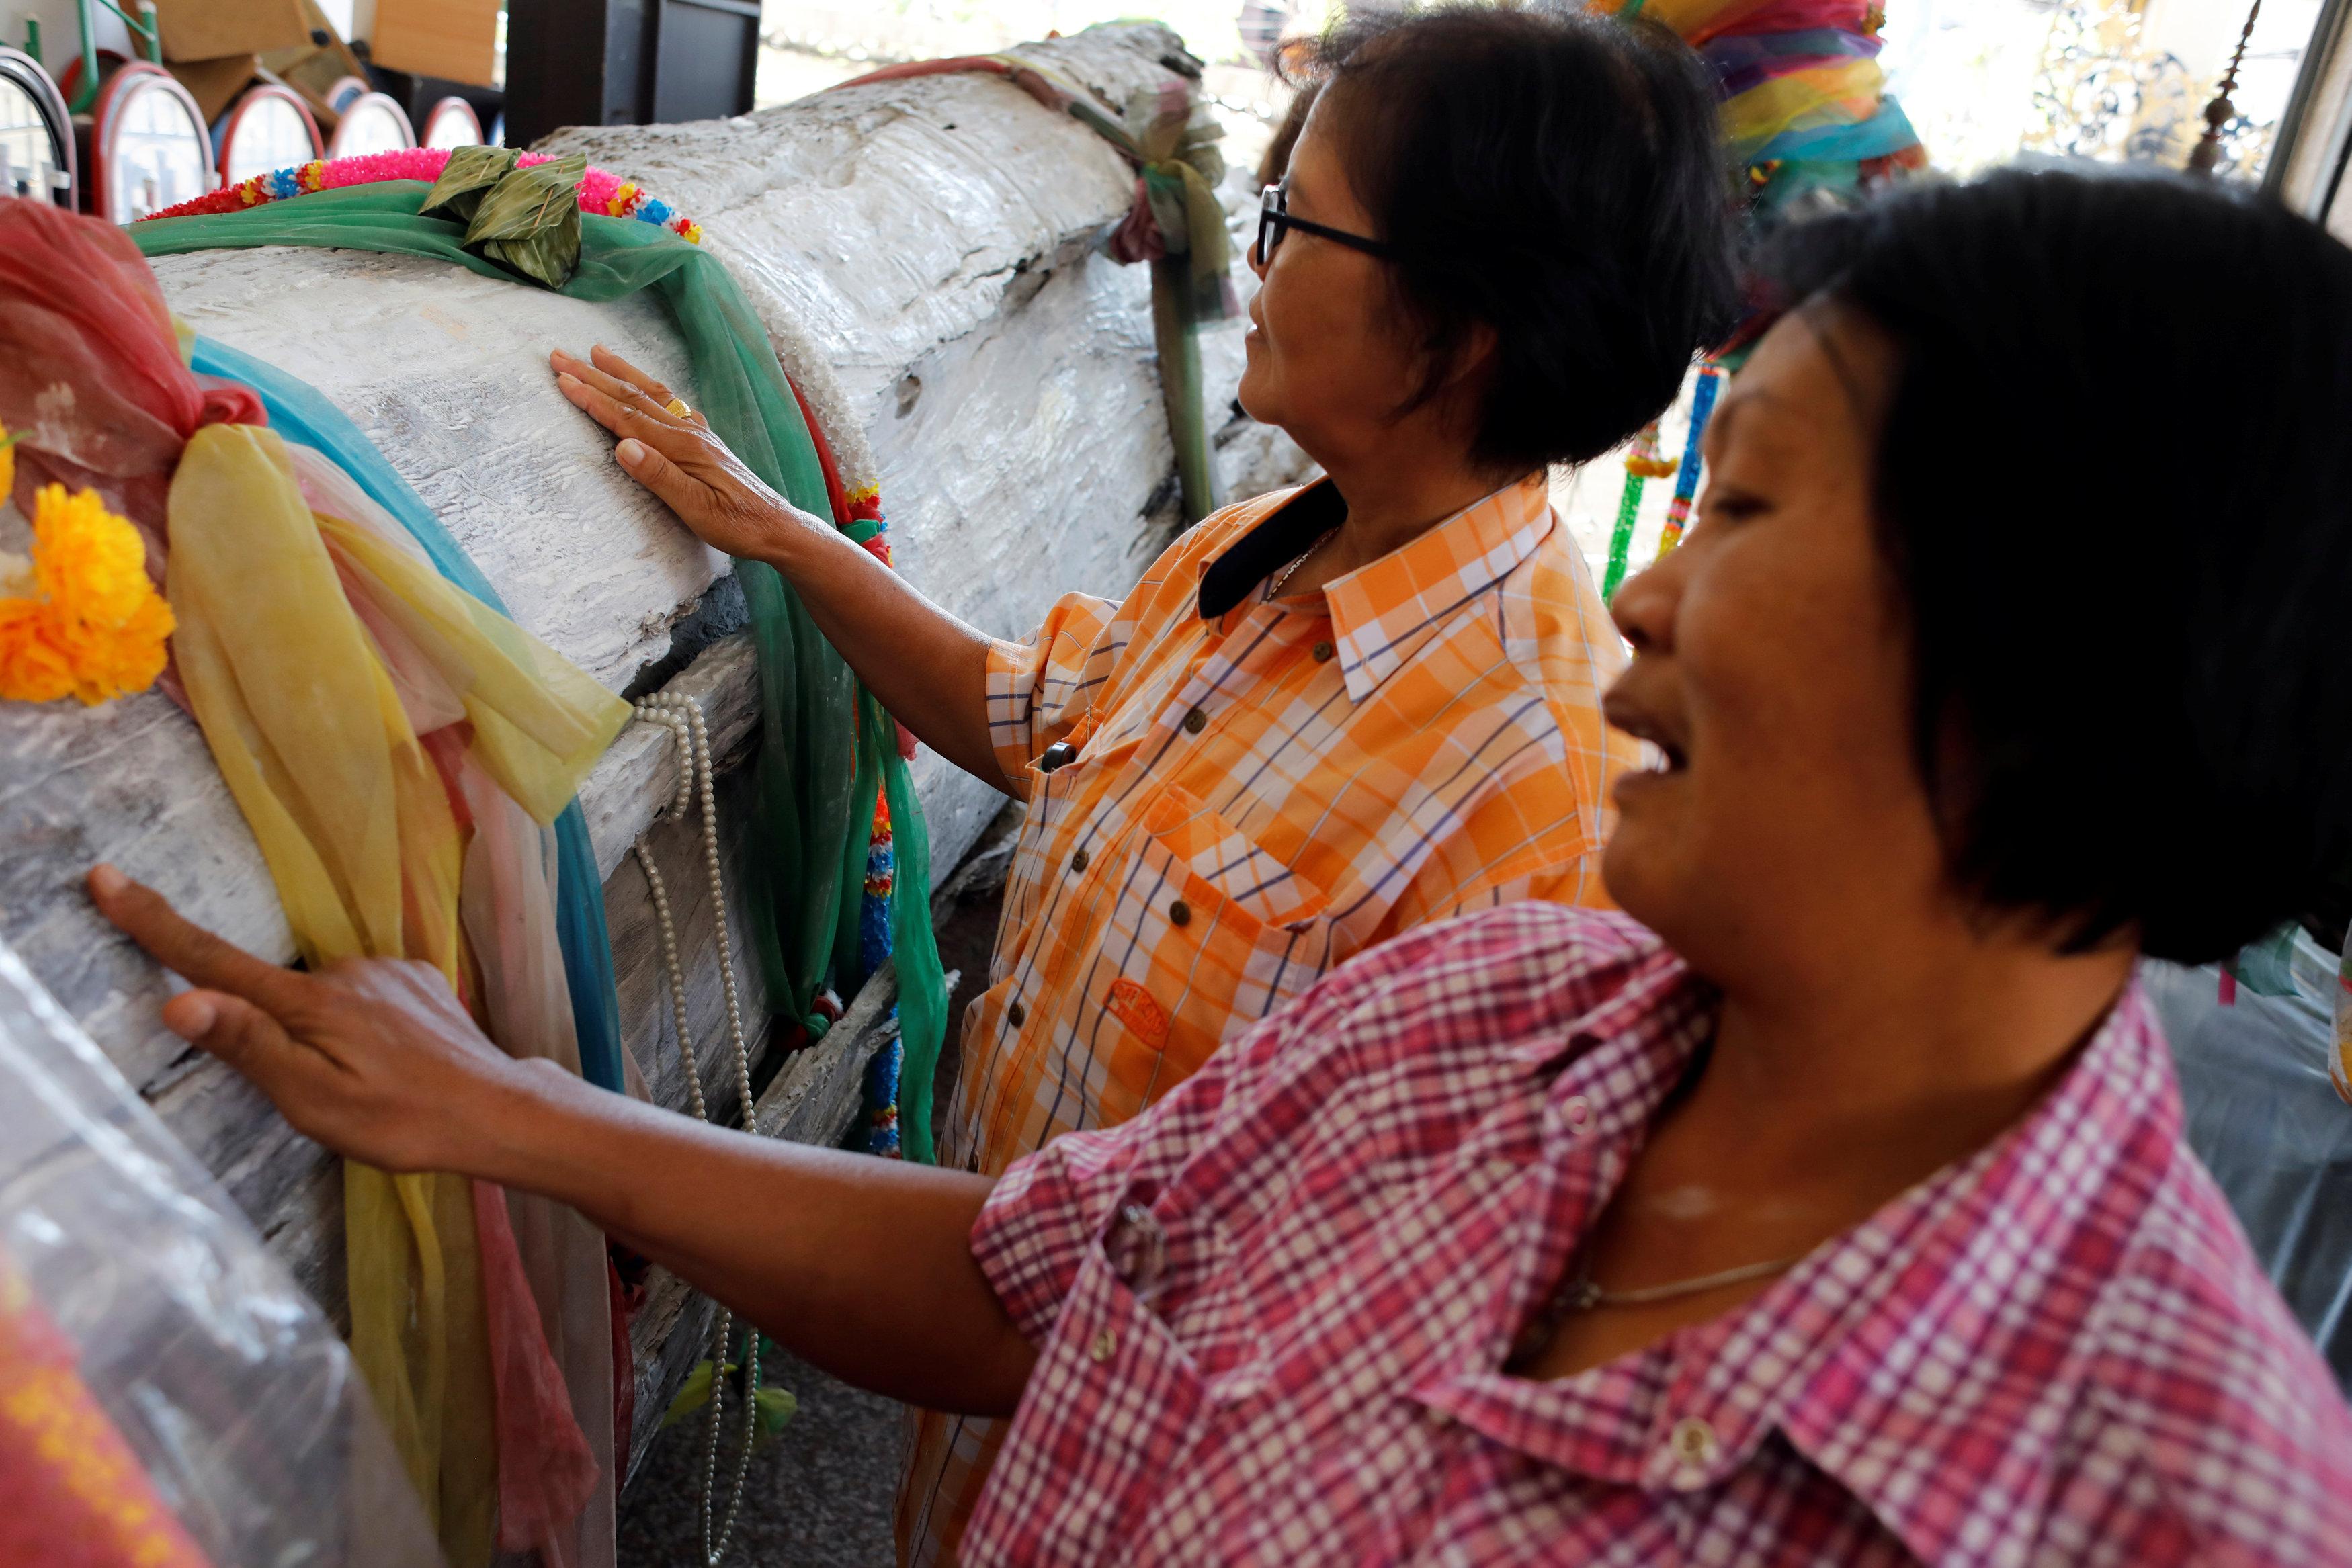 سيدات يتبركن بشجرة الحظ فى تايلاند